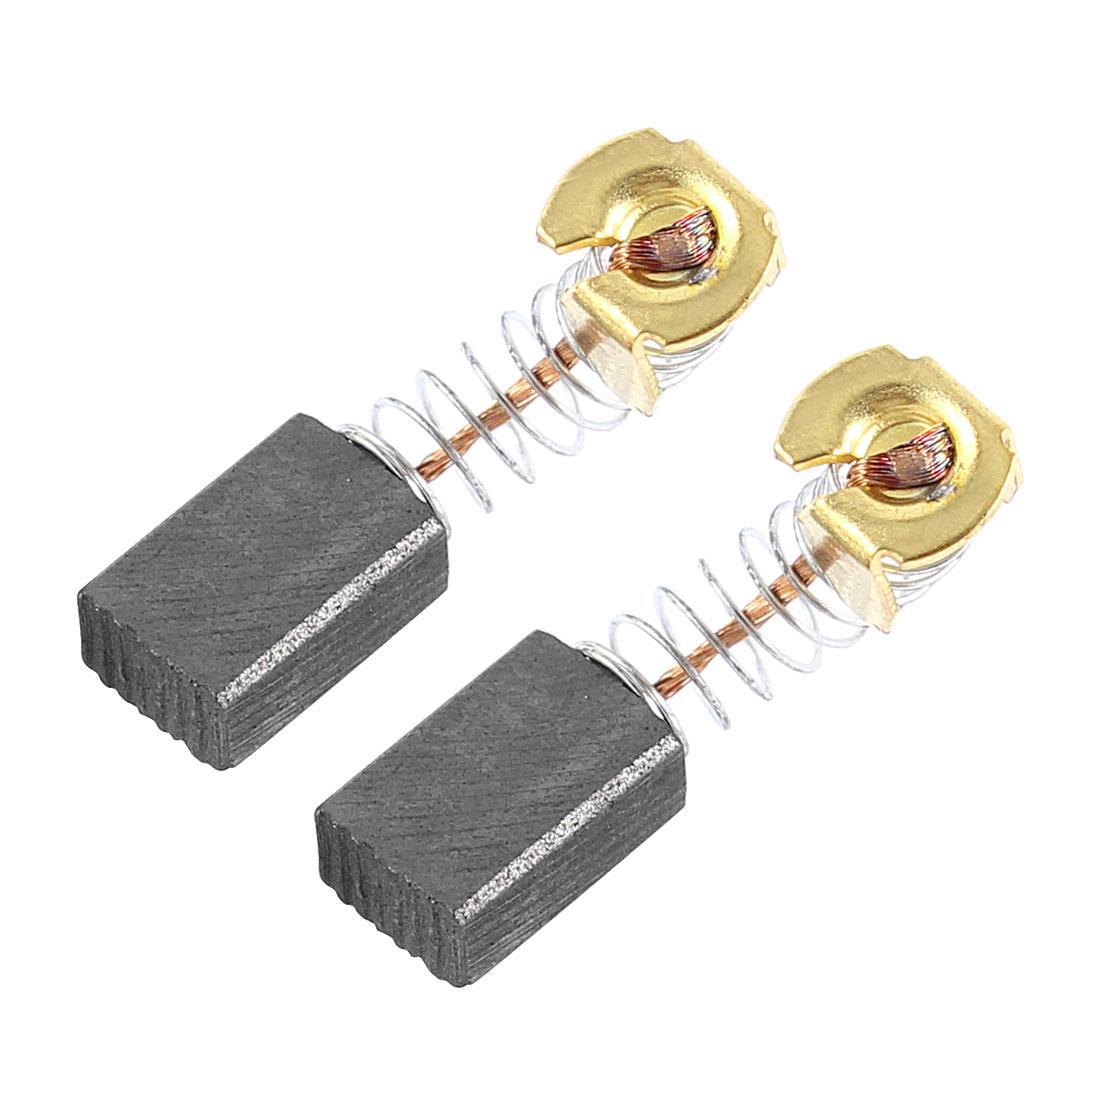 10 Pairs CB51 Repairing Motor Power Tool Carbon Brushes 13 x 8 x 5mm